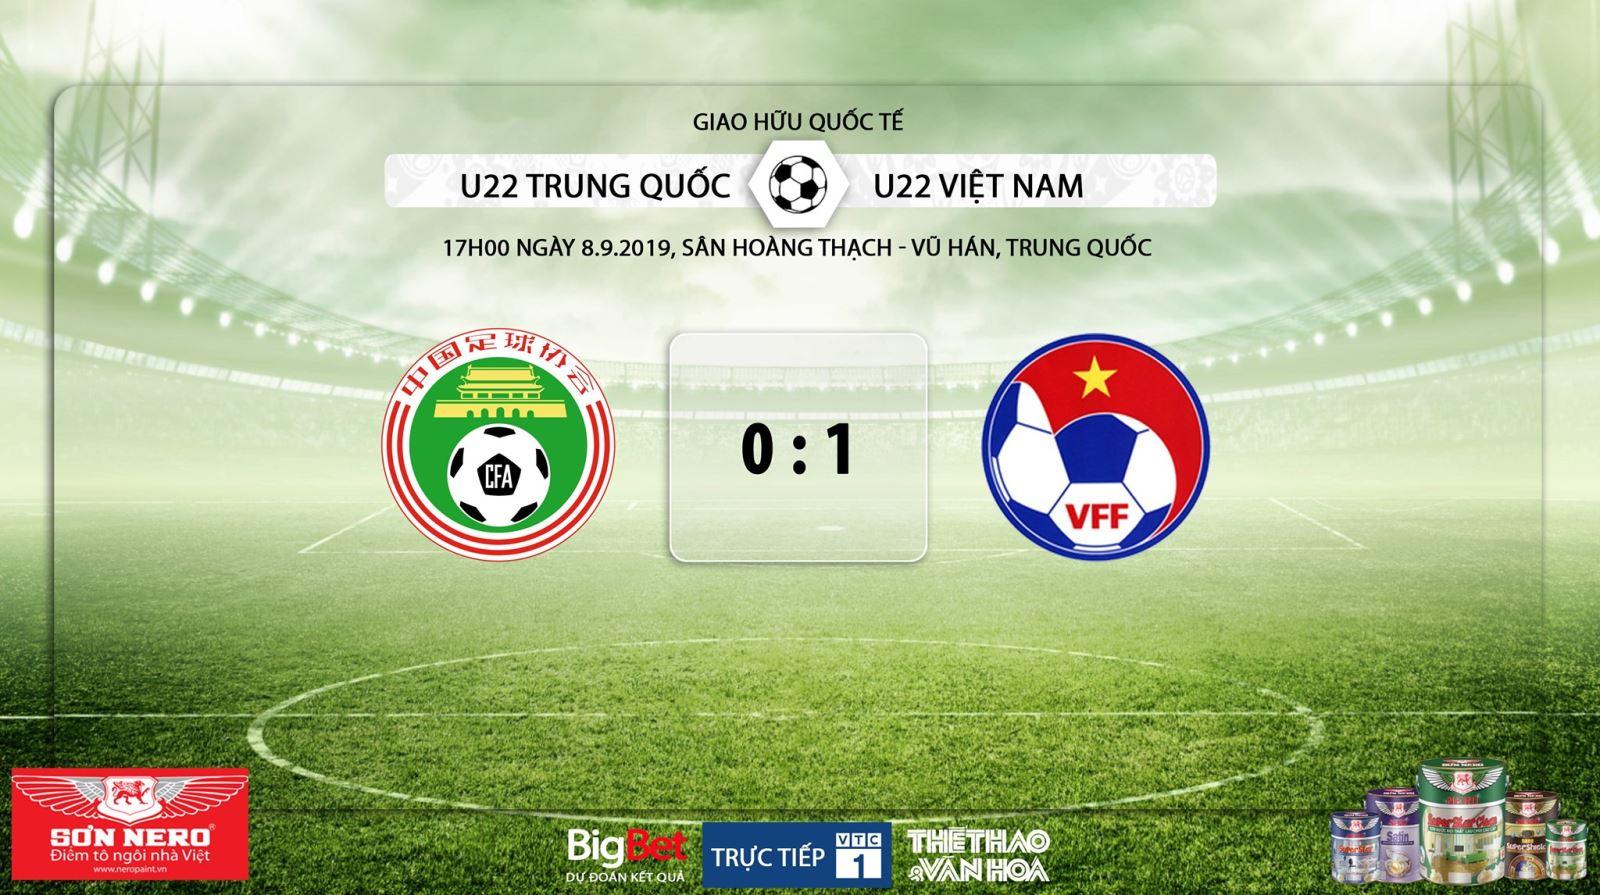 lich truc tiep bong da, lịch thi đấu U22 Việt Nam vs U22 Trung Quốc, VTV6, VTV5, VTC1, VTC3, trực tiếp bóng đá, U22 Trung Quốc vs U22 Việt Nam, xem bóng đá trực tuyến